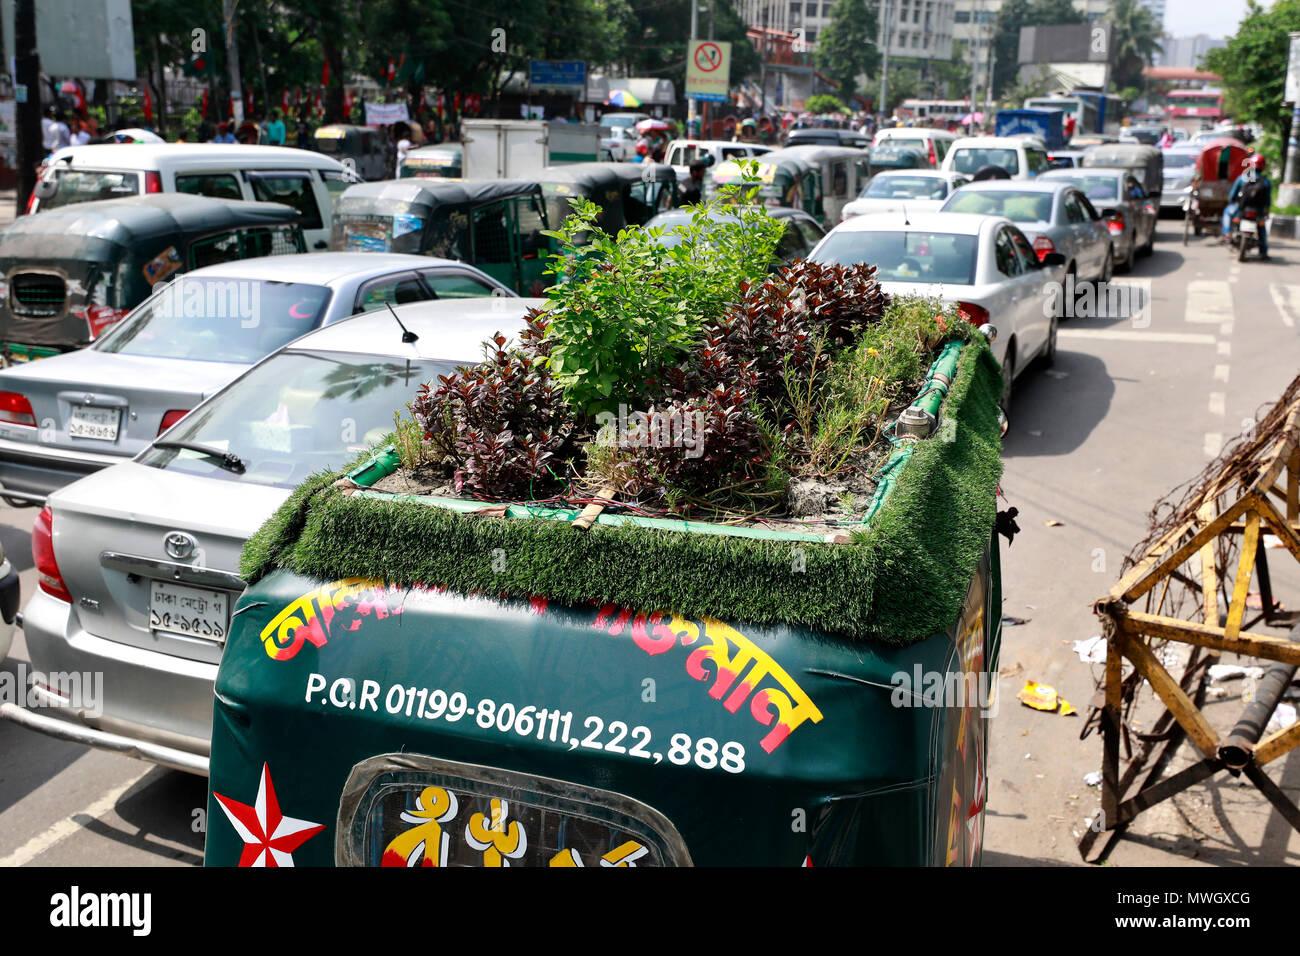 Dhaka, Bangladesh - May 12, 2018: A green environmental friendly